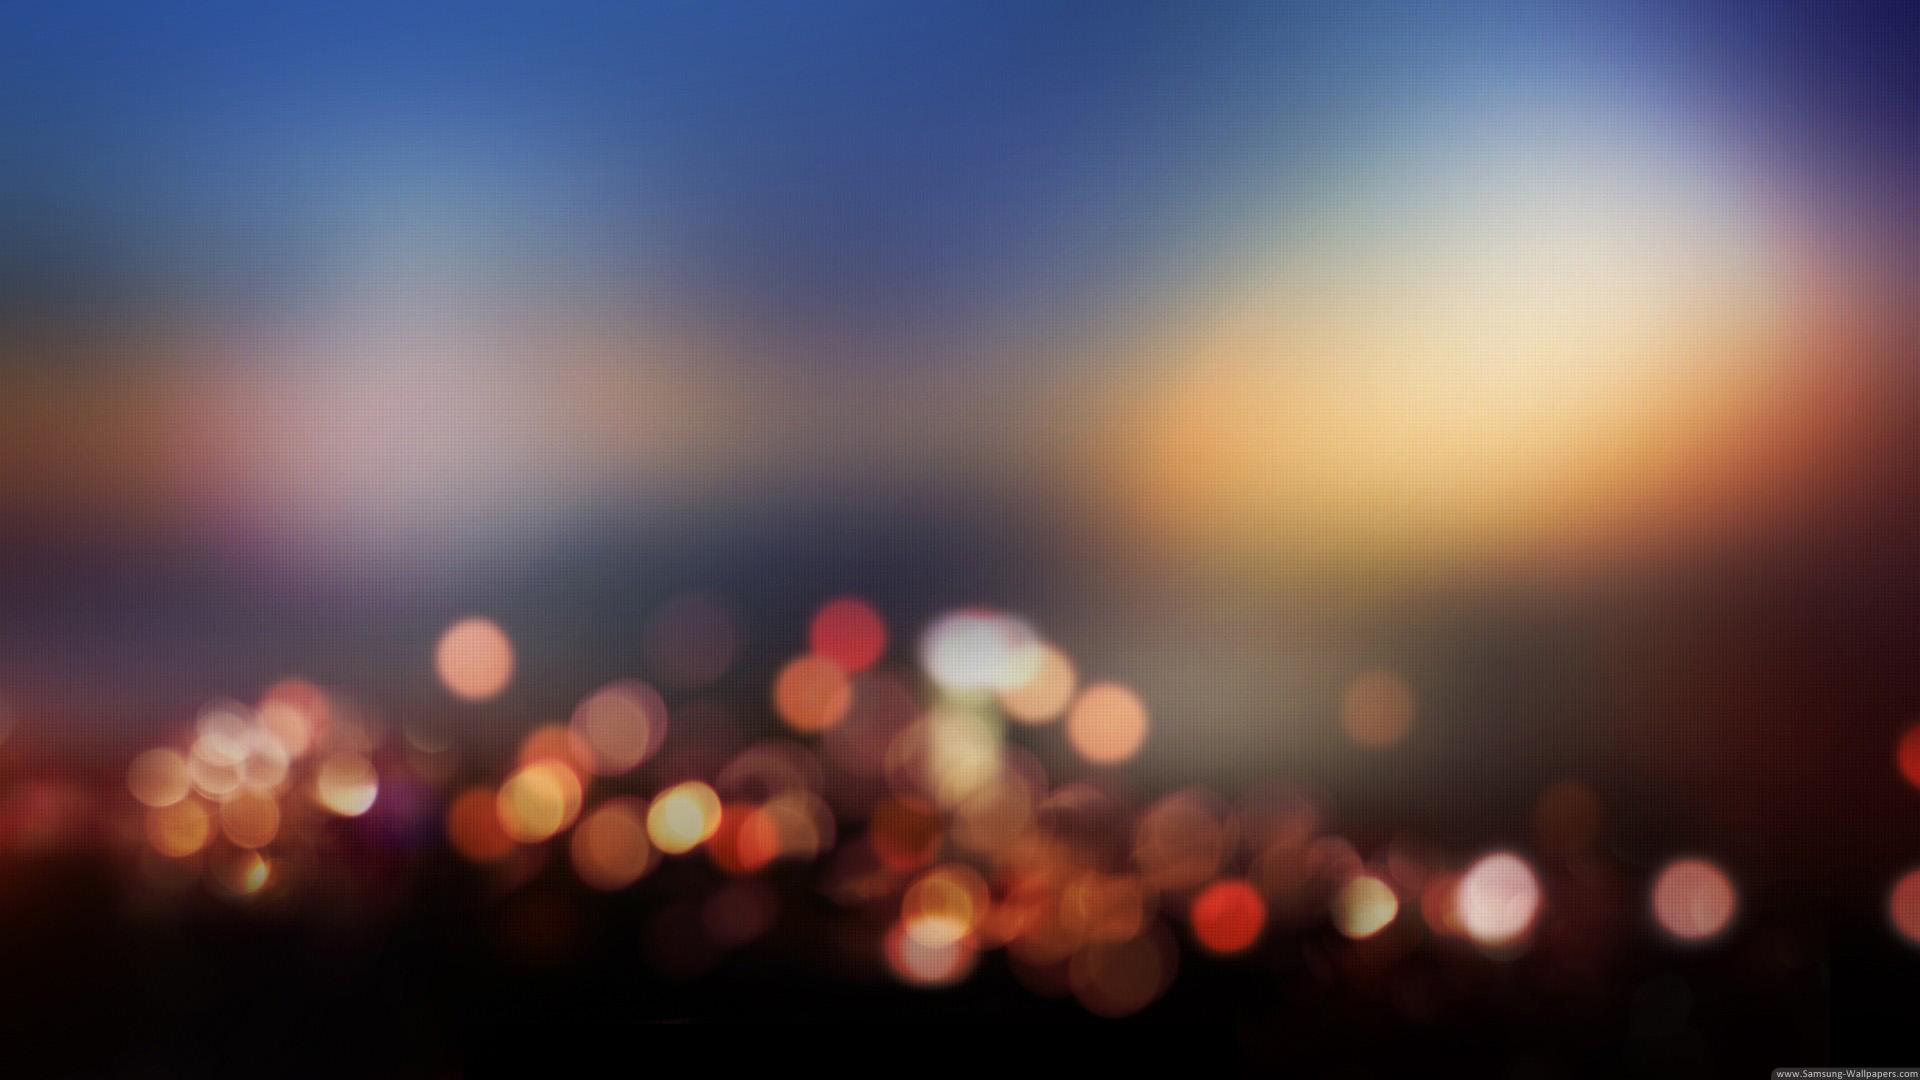 Hazy Night HD Desktop Samsung Galaxy S4 1920x1080 1920x1080